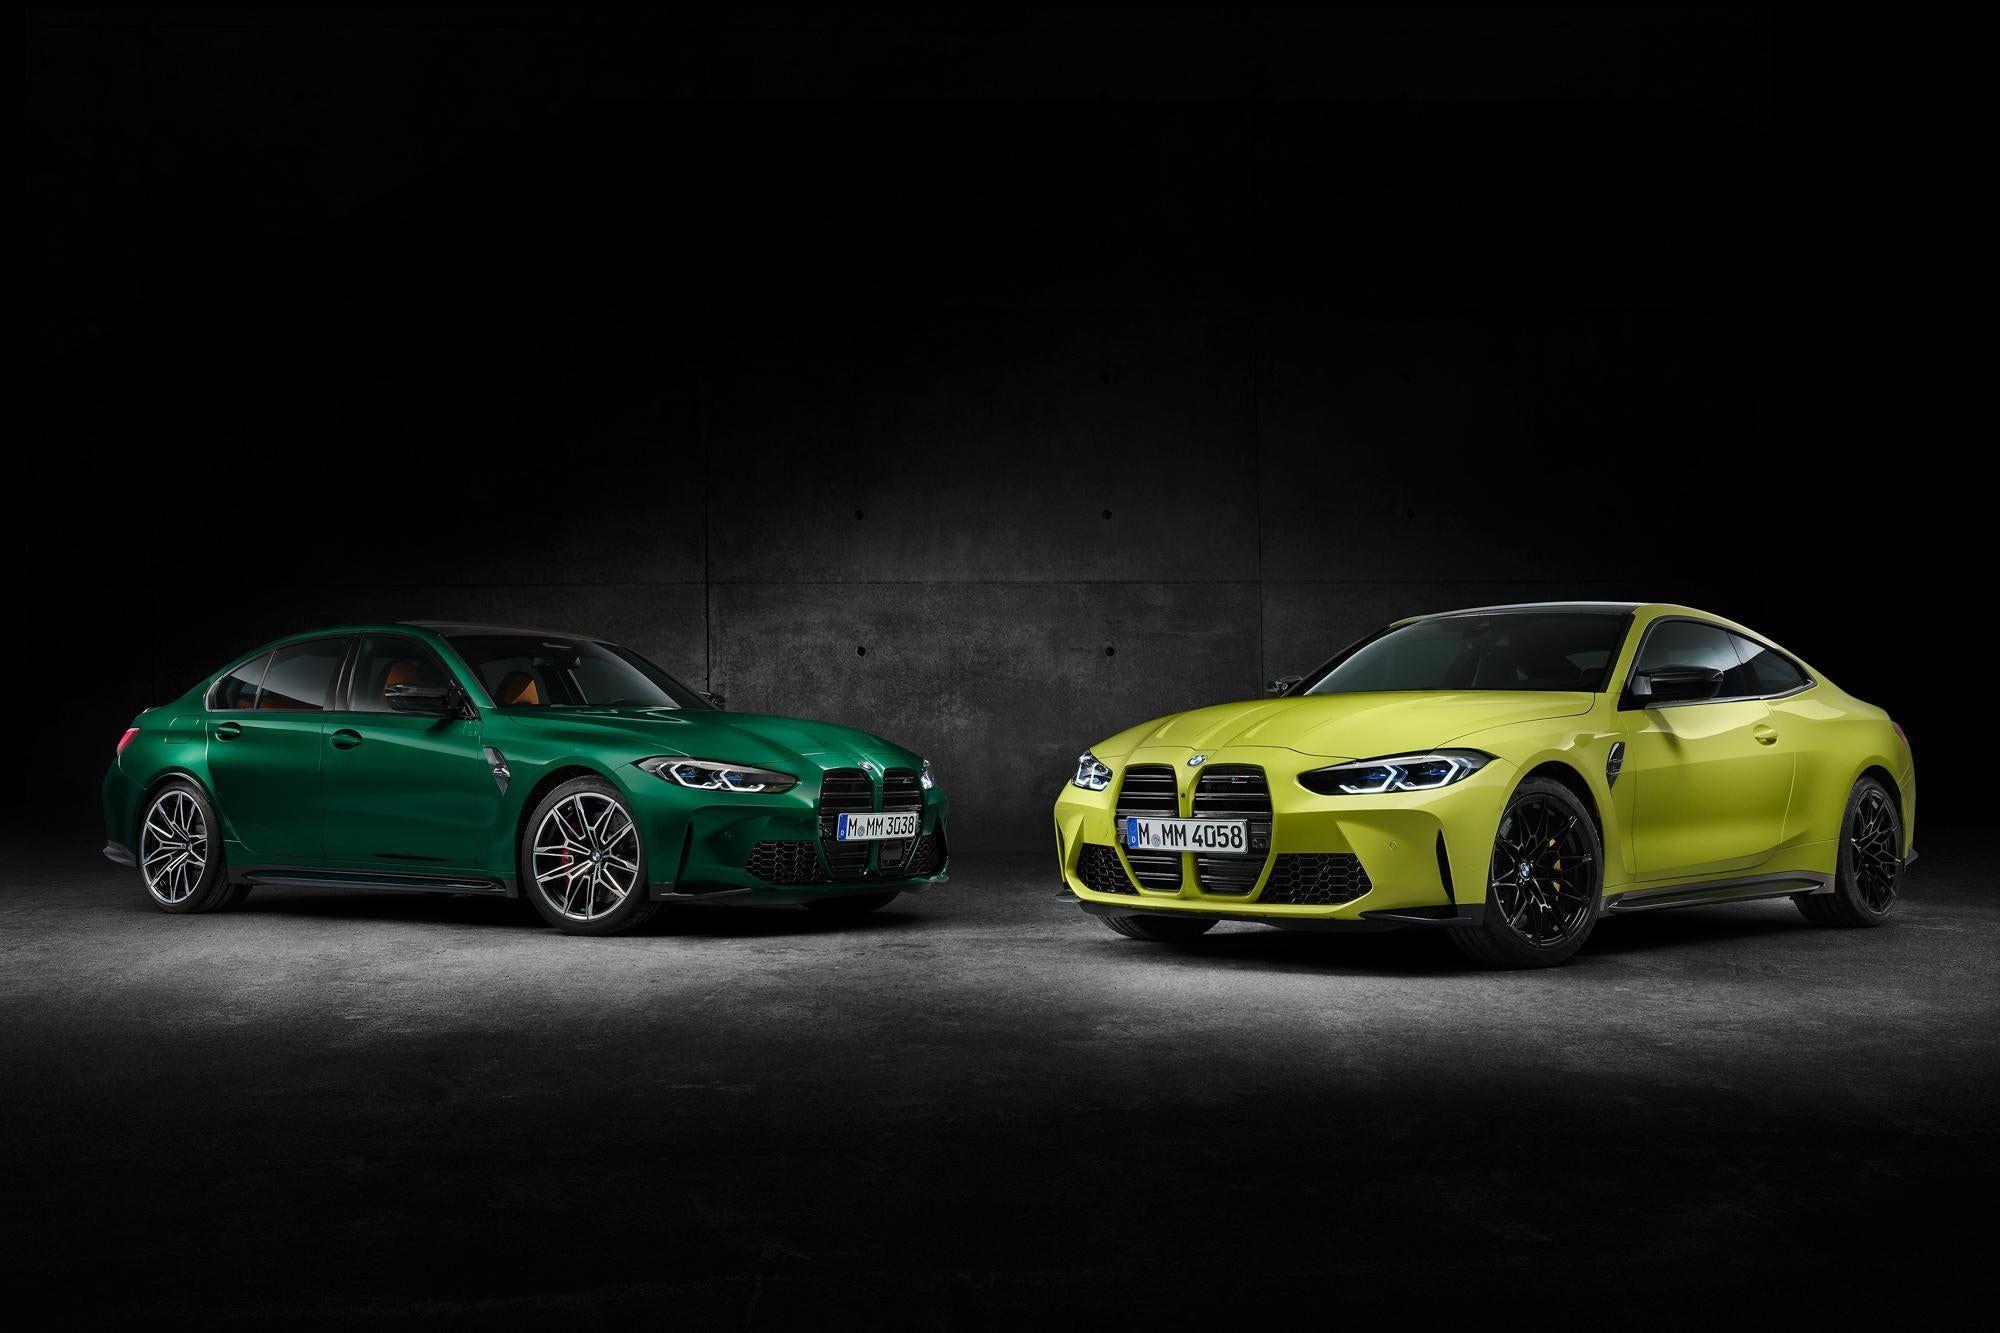 BMW M3 en verde y BMW M4 en amarillo aparcados uno junto al otro